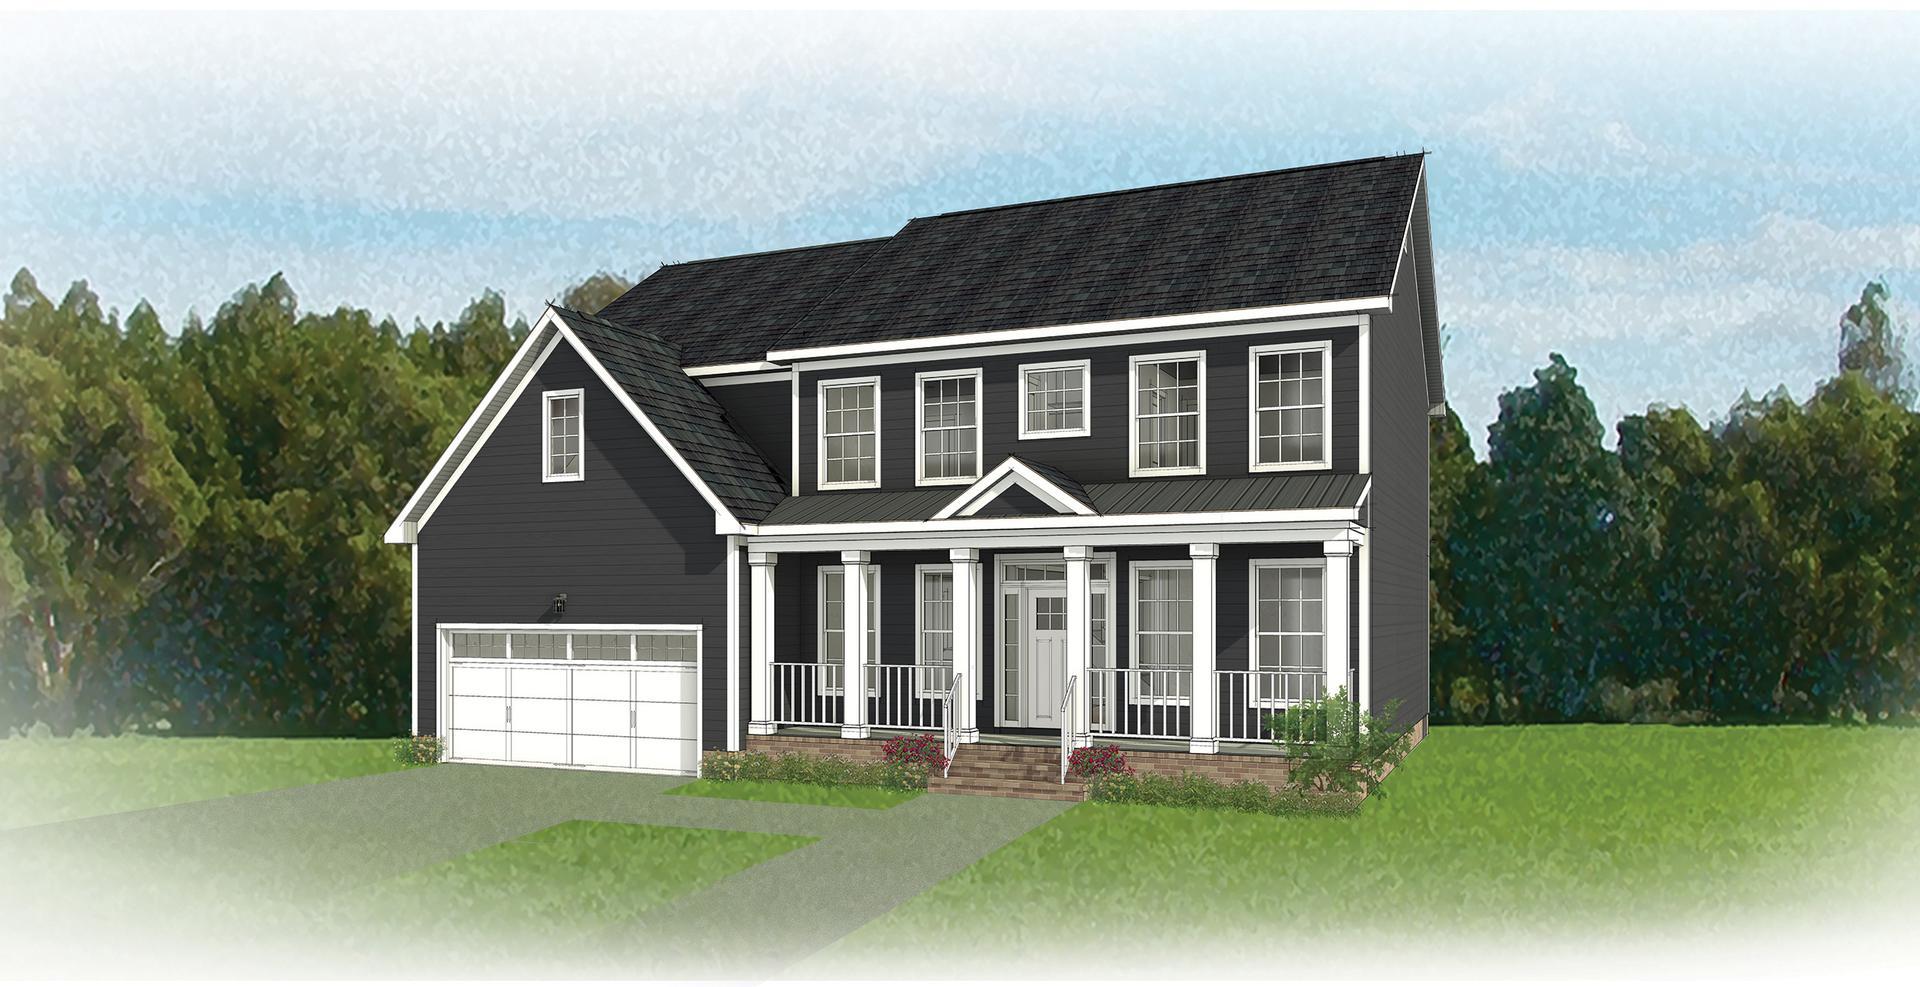 The Bradford new home in Blacksburg VA